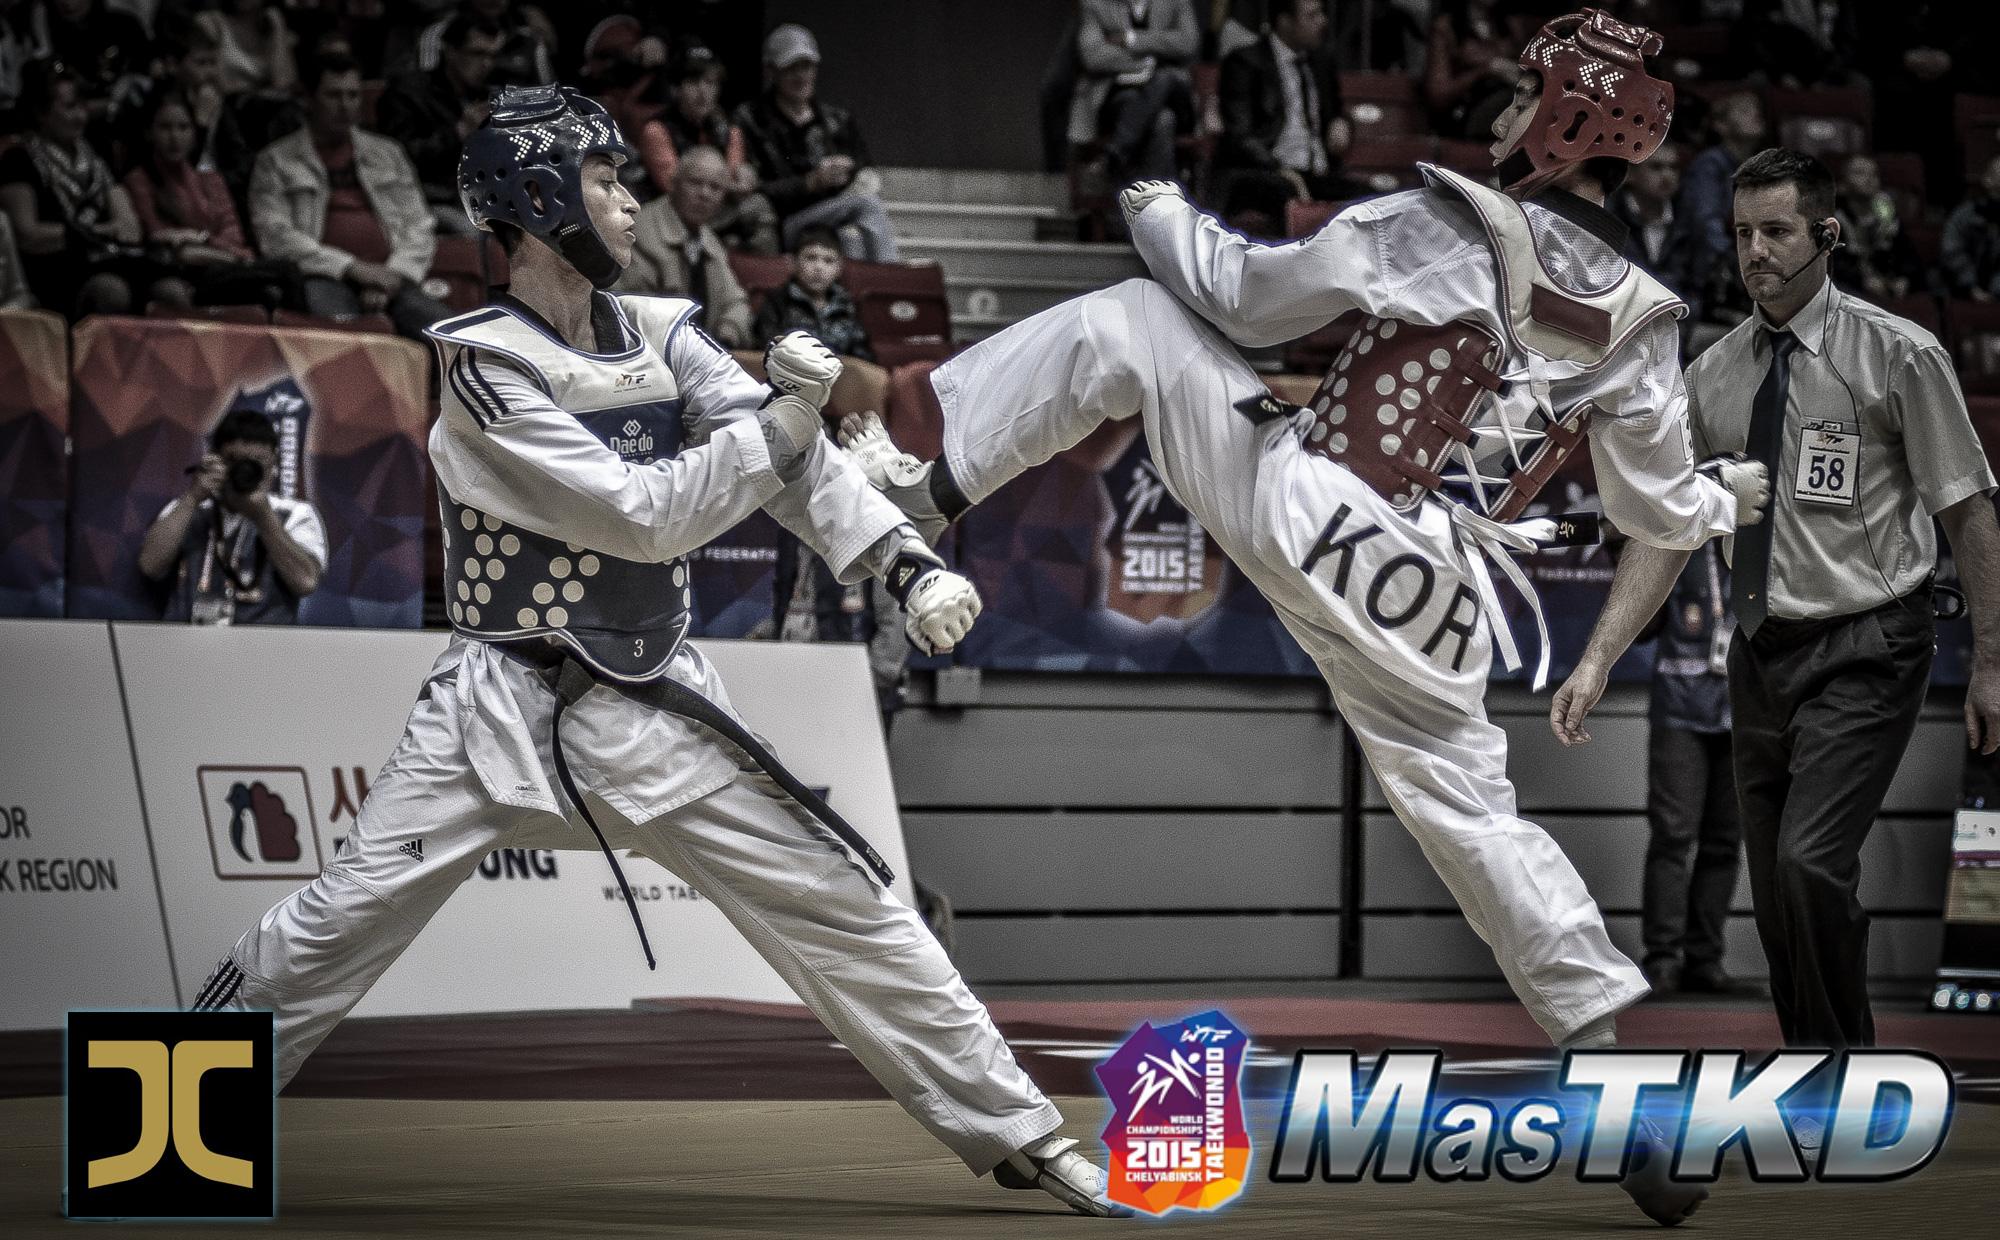 04_20150512_Taekwondo-Mundial_JC-Seleccion_D1